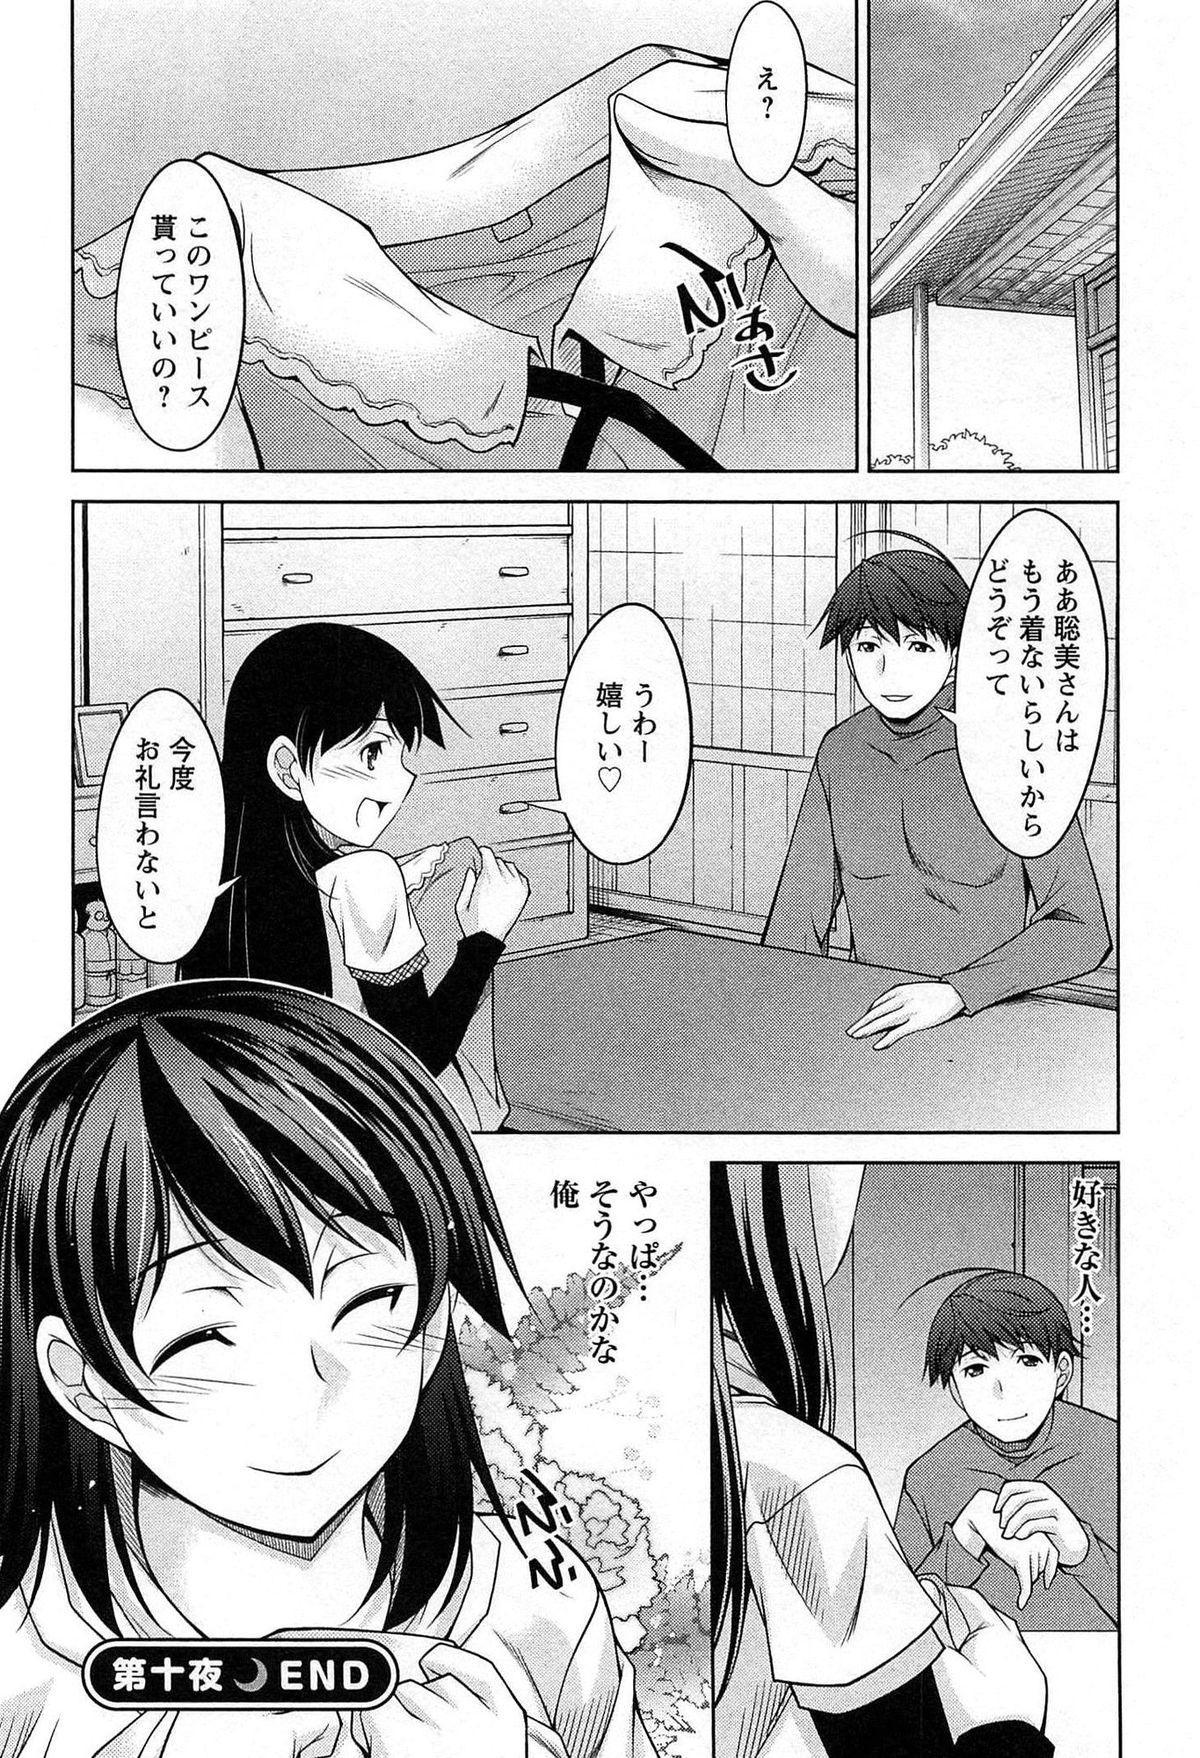 [zen9] Tsuki-wo Ai-Shite - Tsuki-ni Koi-shite 2 22